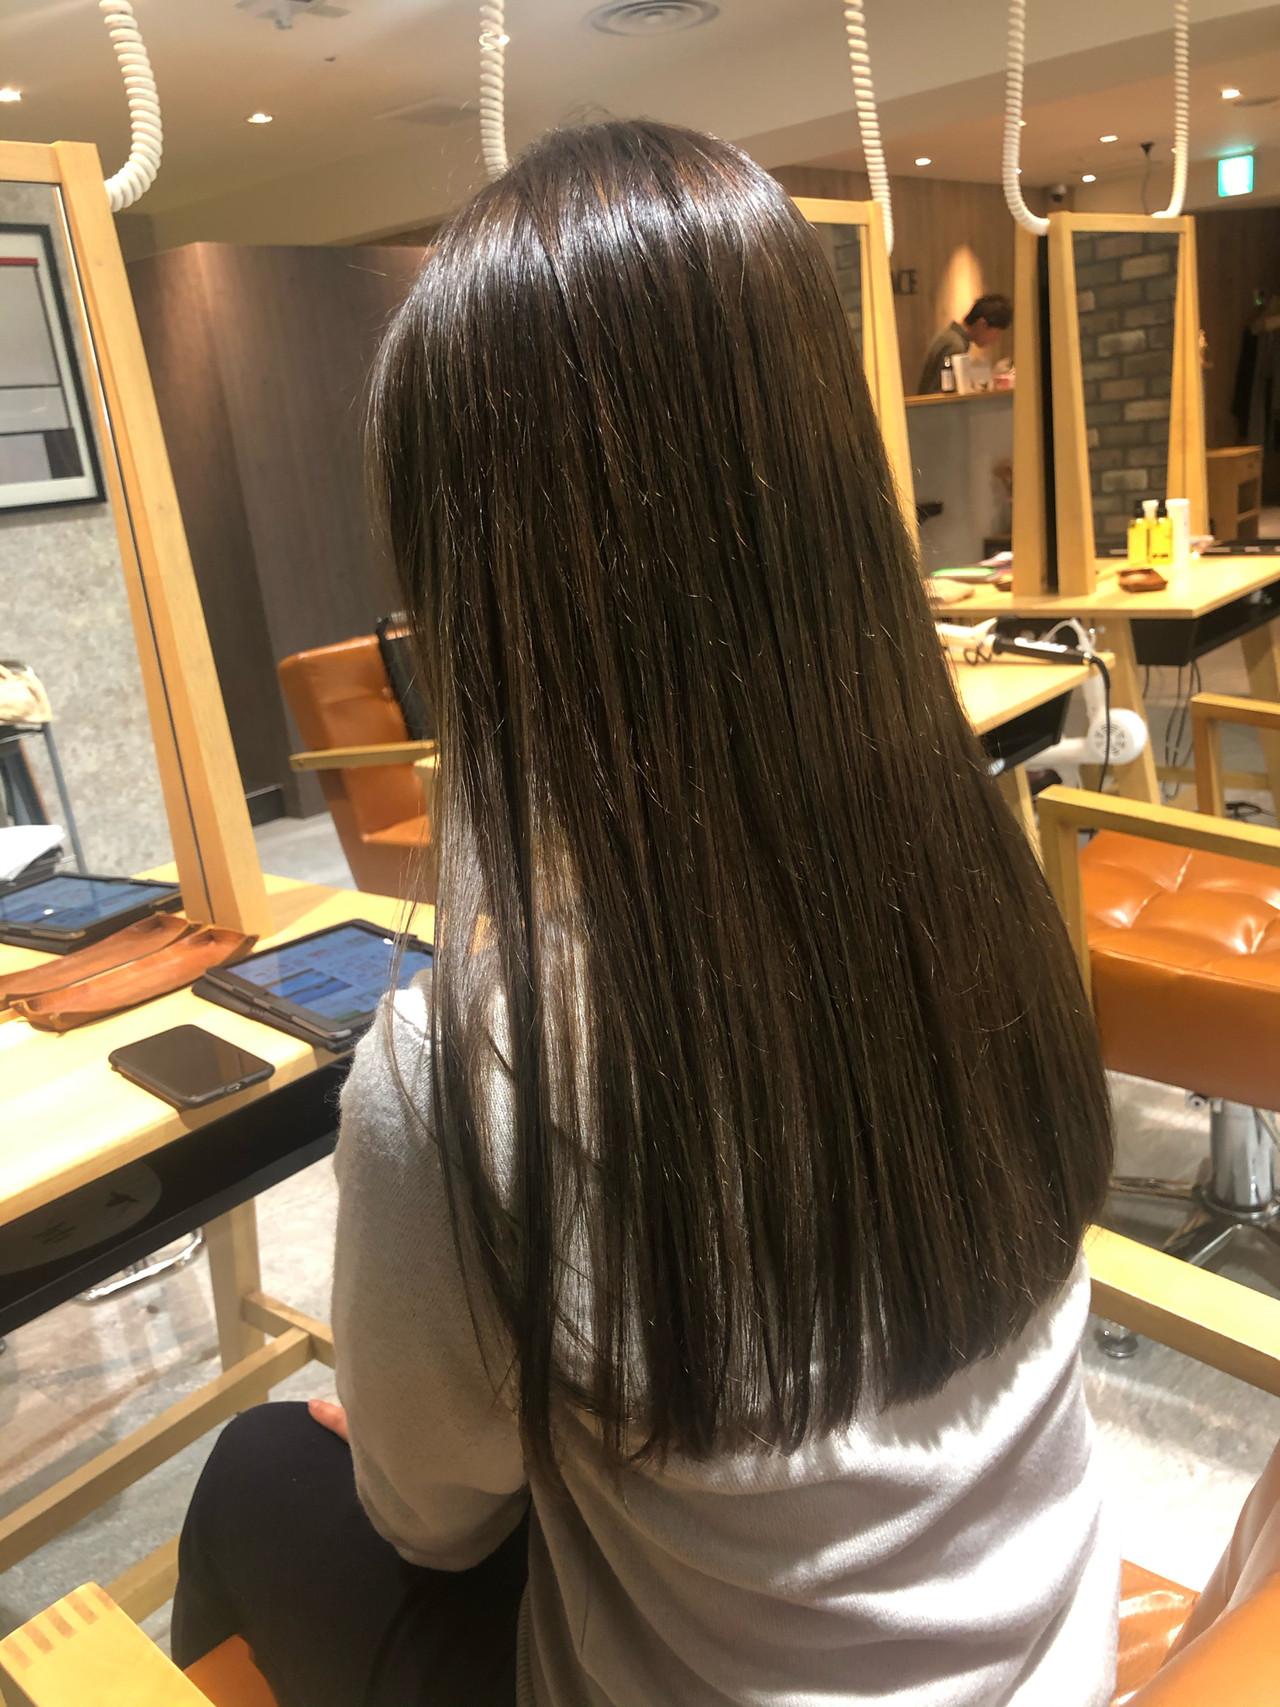 ツヤ髪 透明感カラー イルミナカラー ストレート ヘアスタイルや髪型の写真・画像 | 奥野 和広 / TERRACE LUXBE